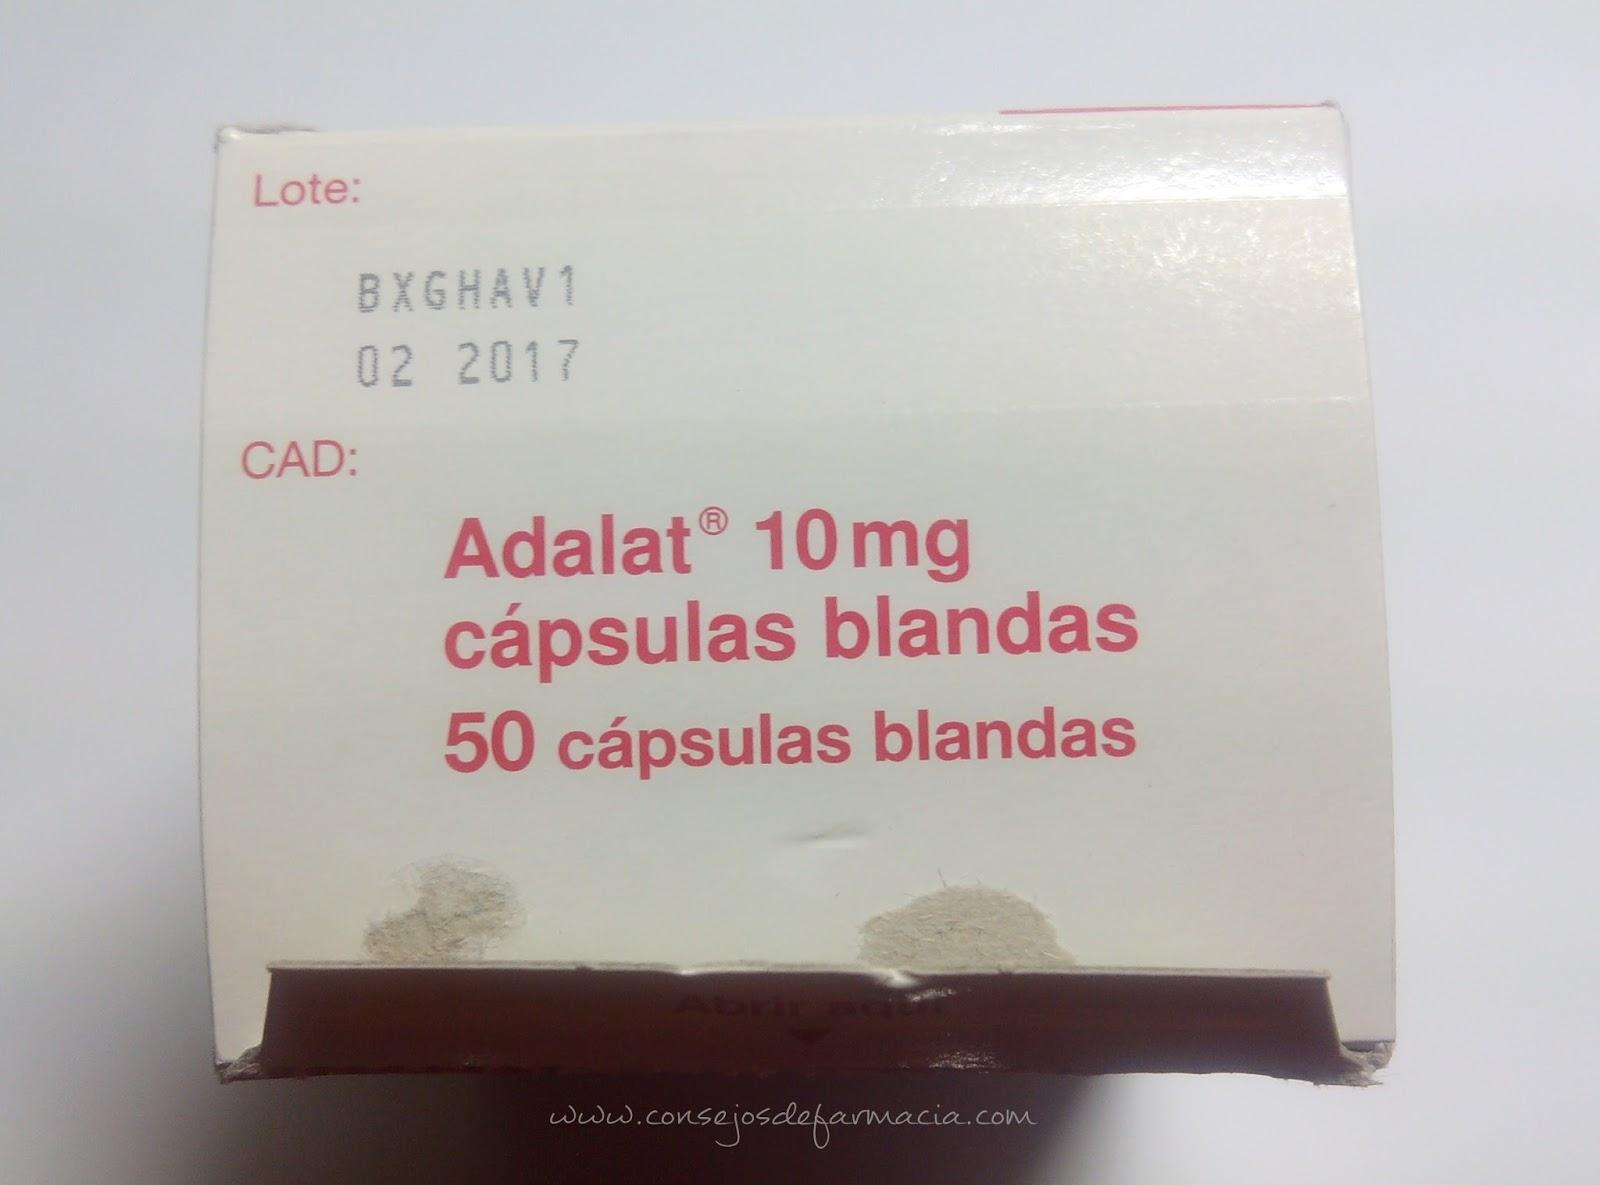 simbolos cartonaje medicamentos